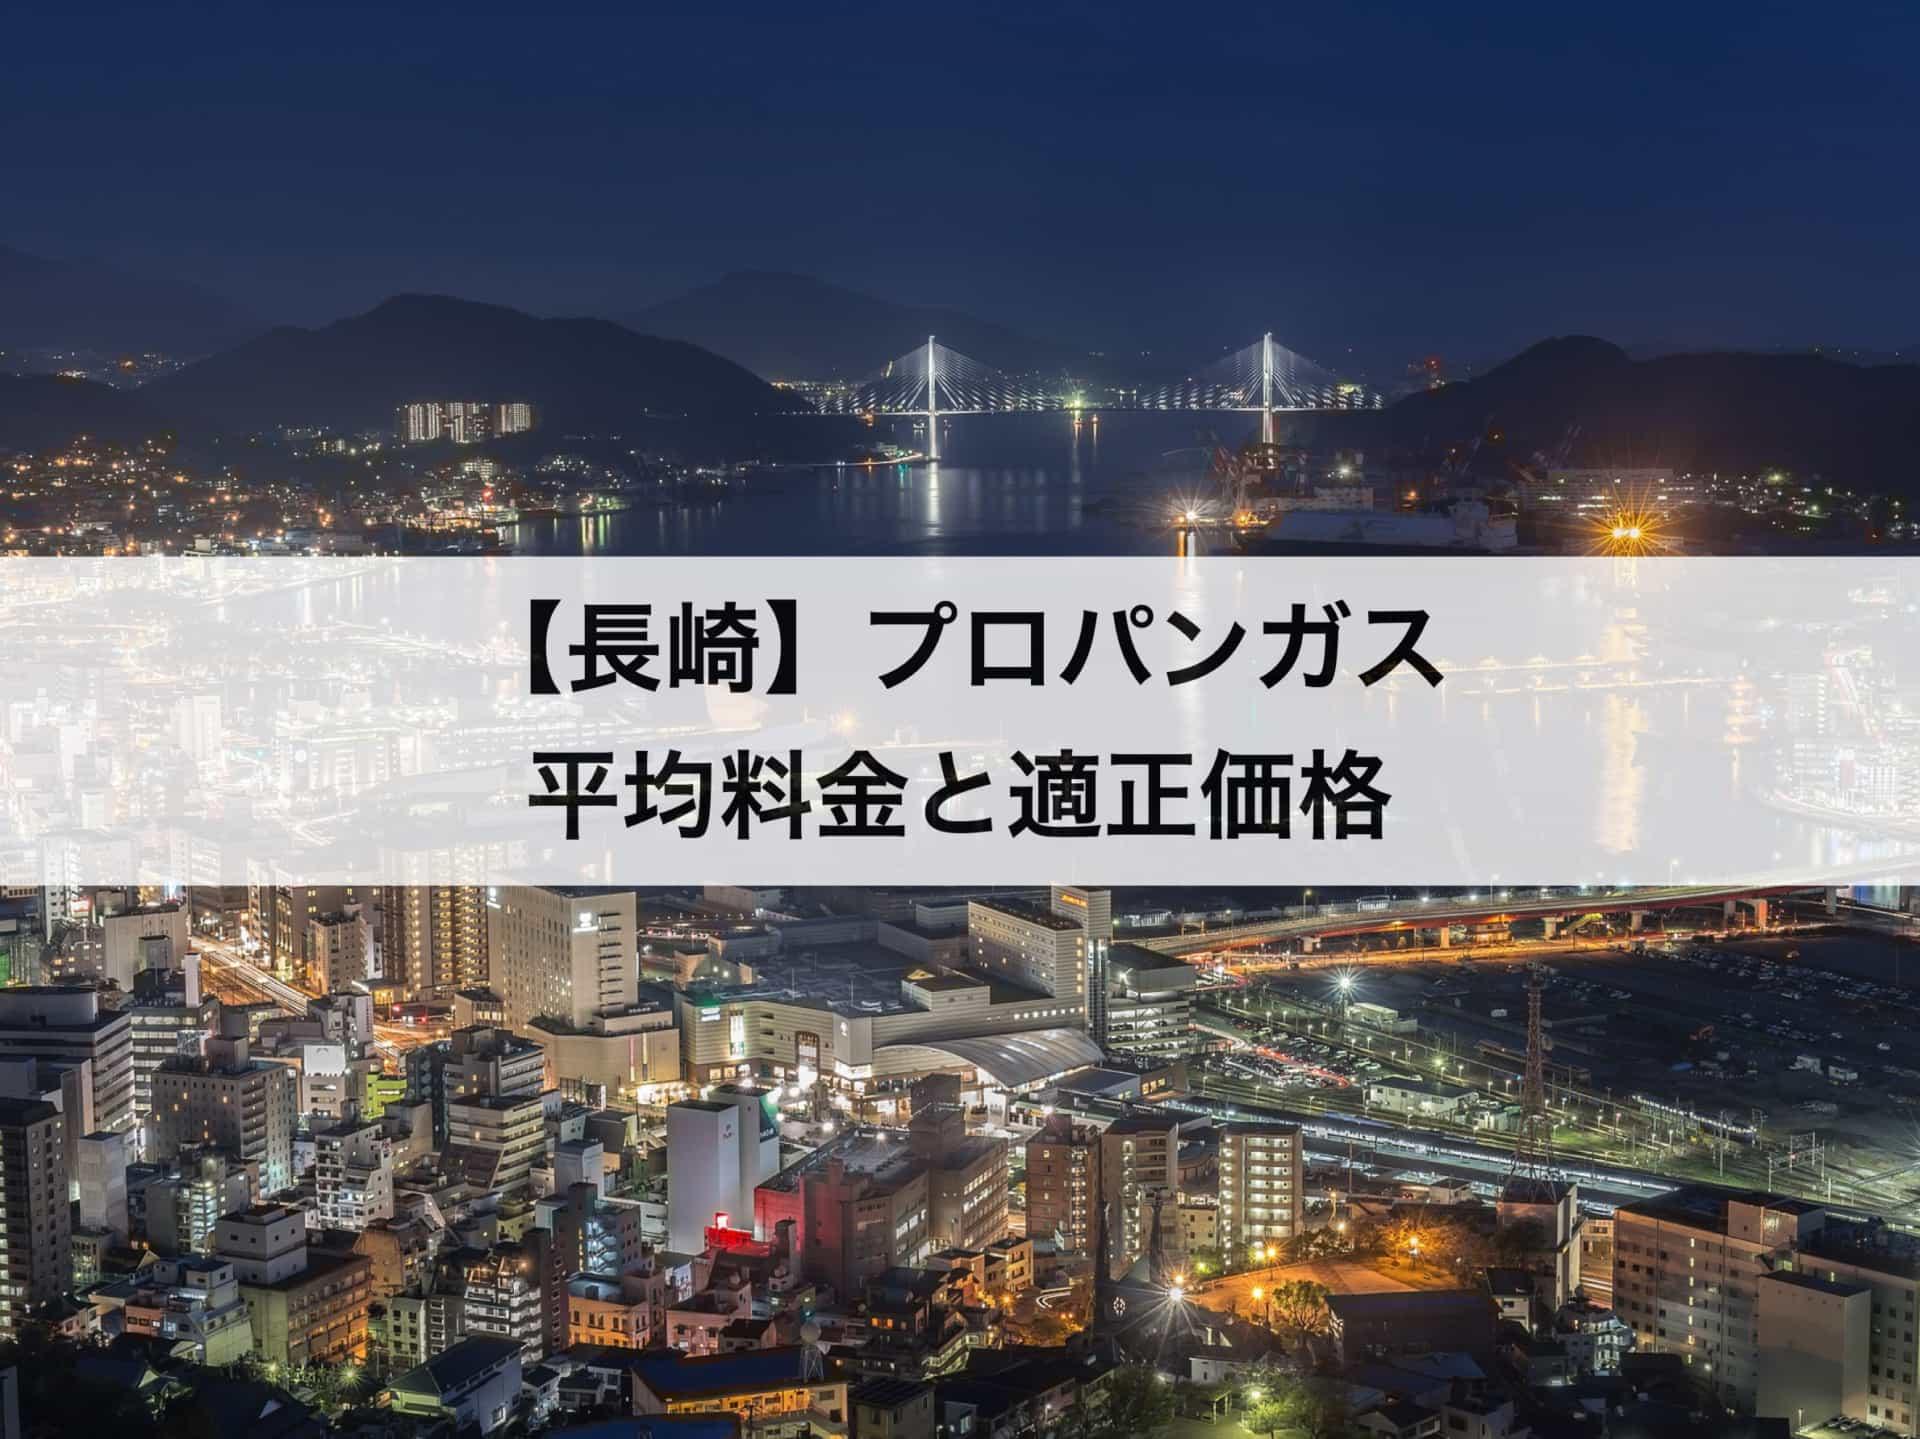 【長崎】プロパンガス(LPガス)の平均料金と適正価格|安く利用できるガス会社は?